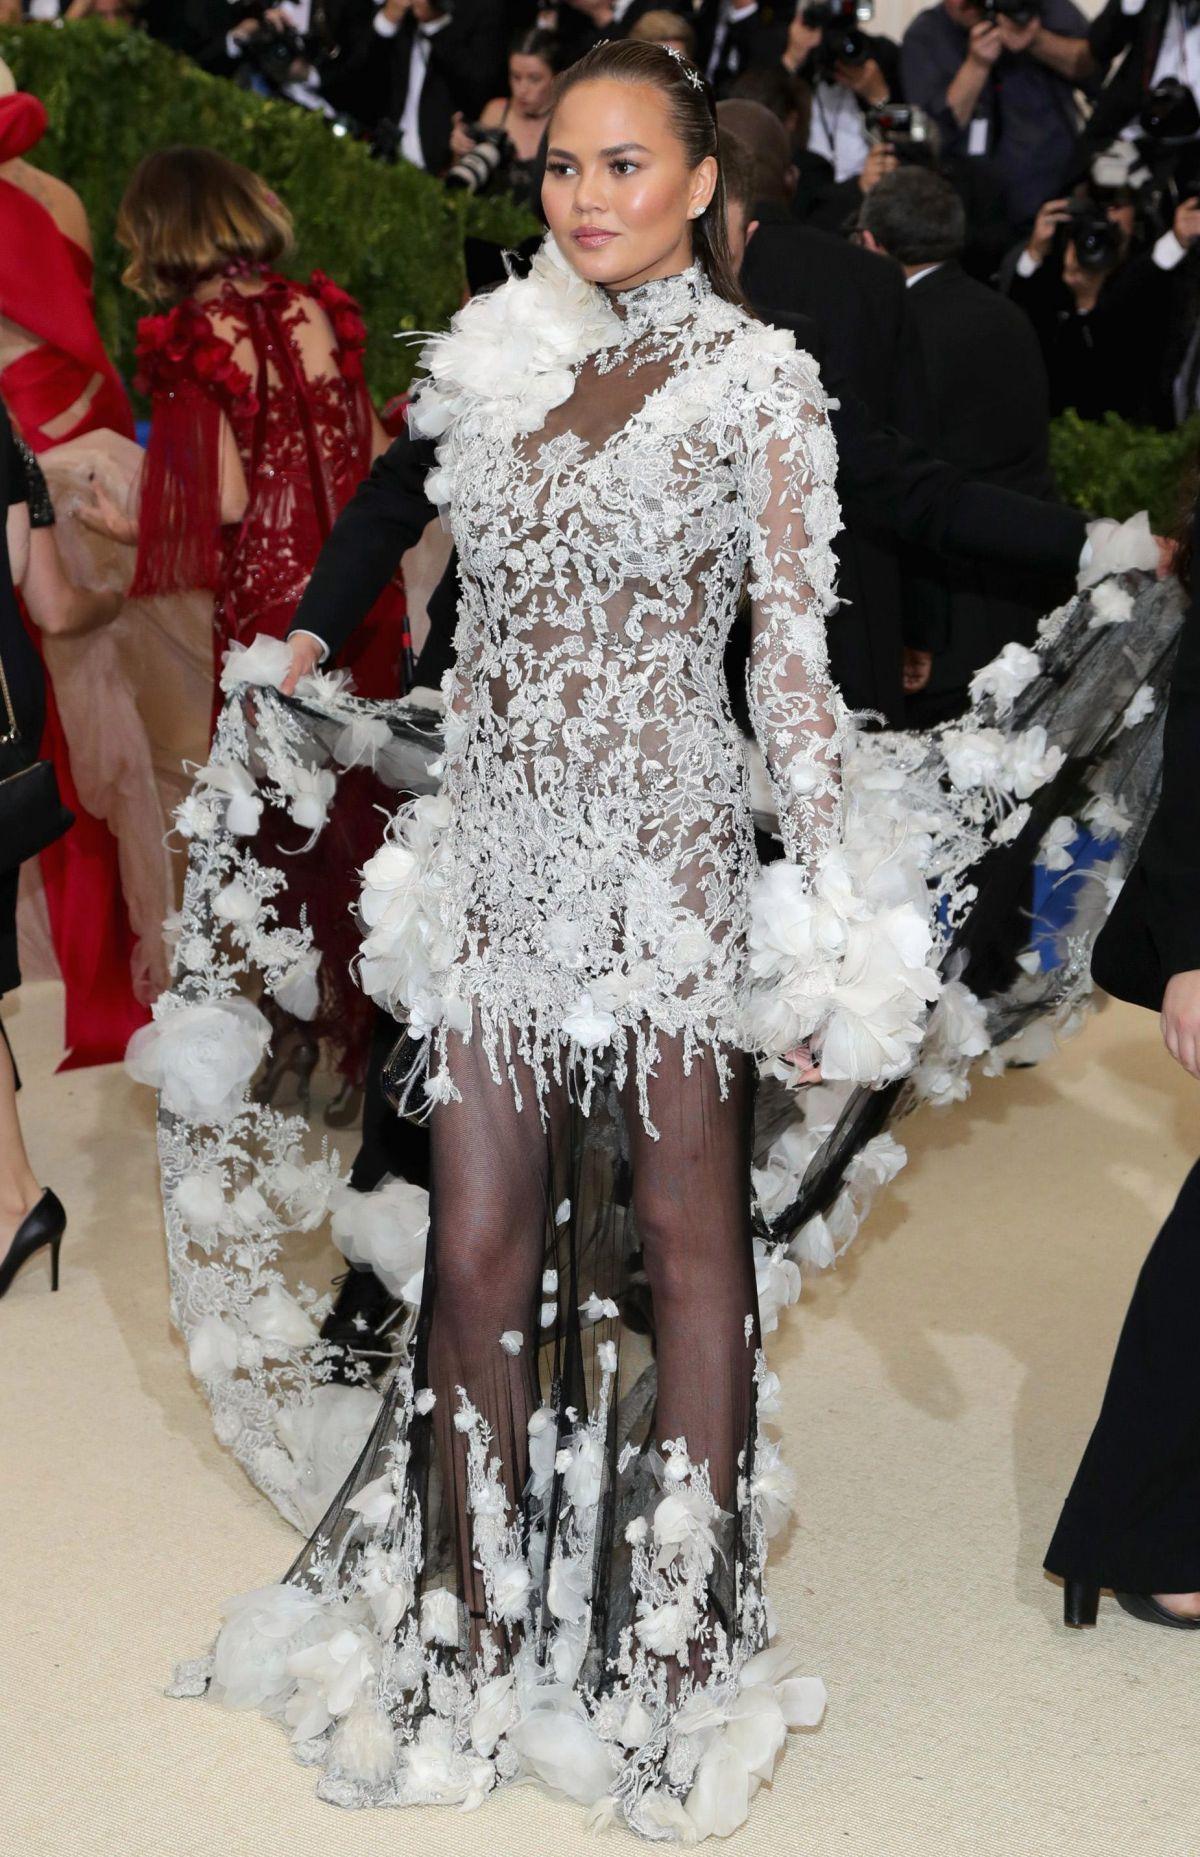 CHRISSY TEIGEN at 2017 MET Gala in New York 05/01/2017